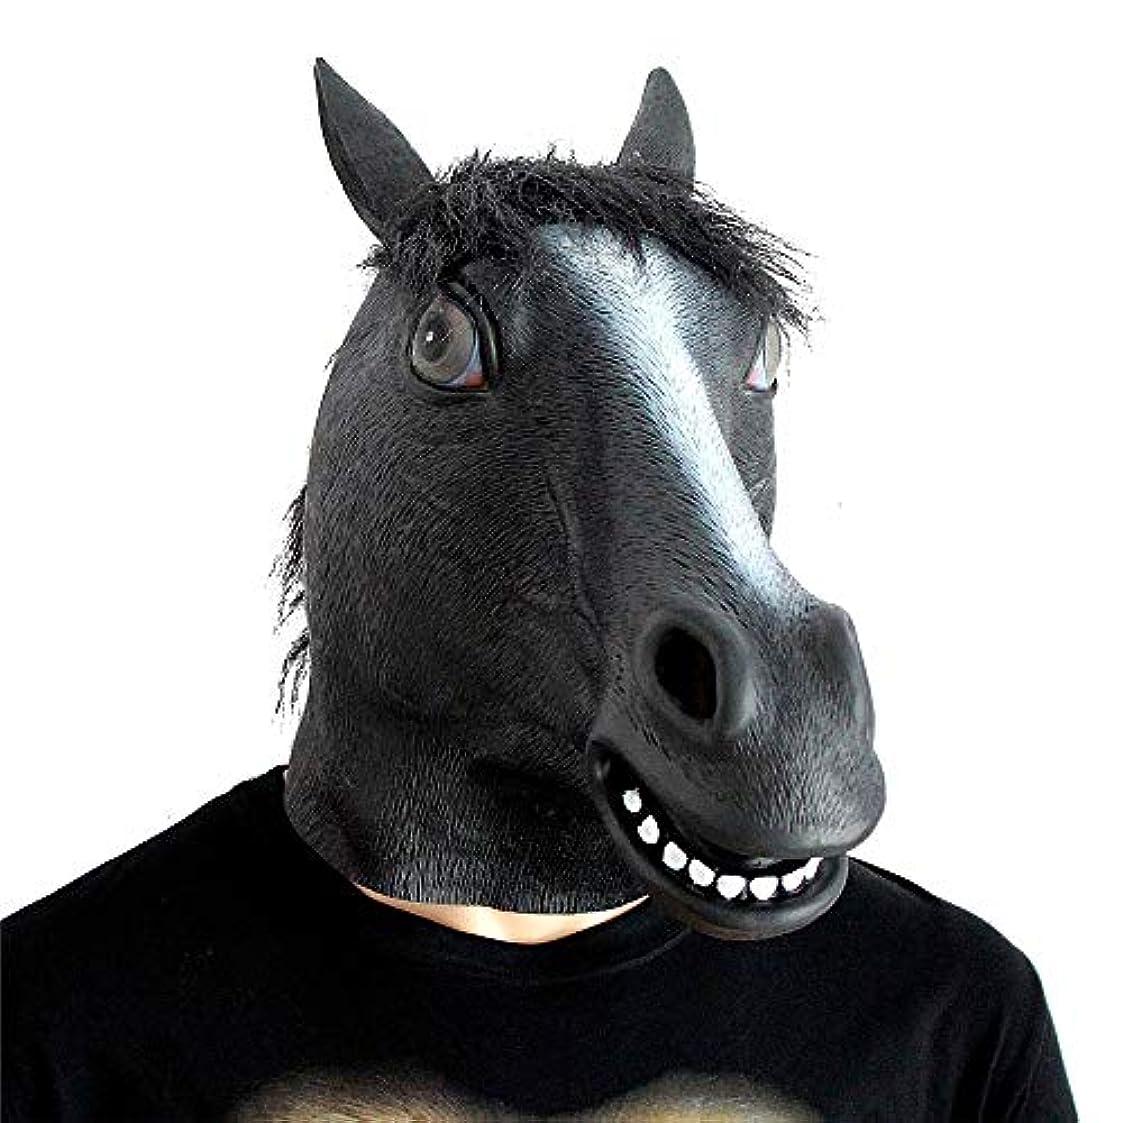 専門電池小説ハロウィーンのスタイリングの小道具ボールパーティーの馬の頭のマスクラテックスゲーム面白いパーティー用品 (Color : C)